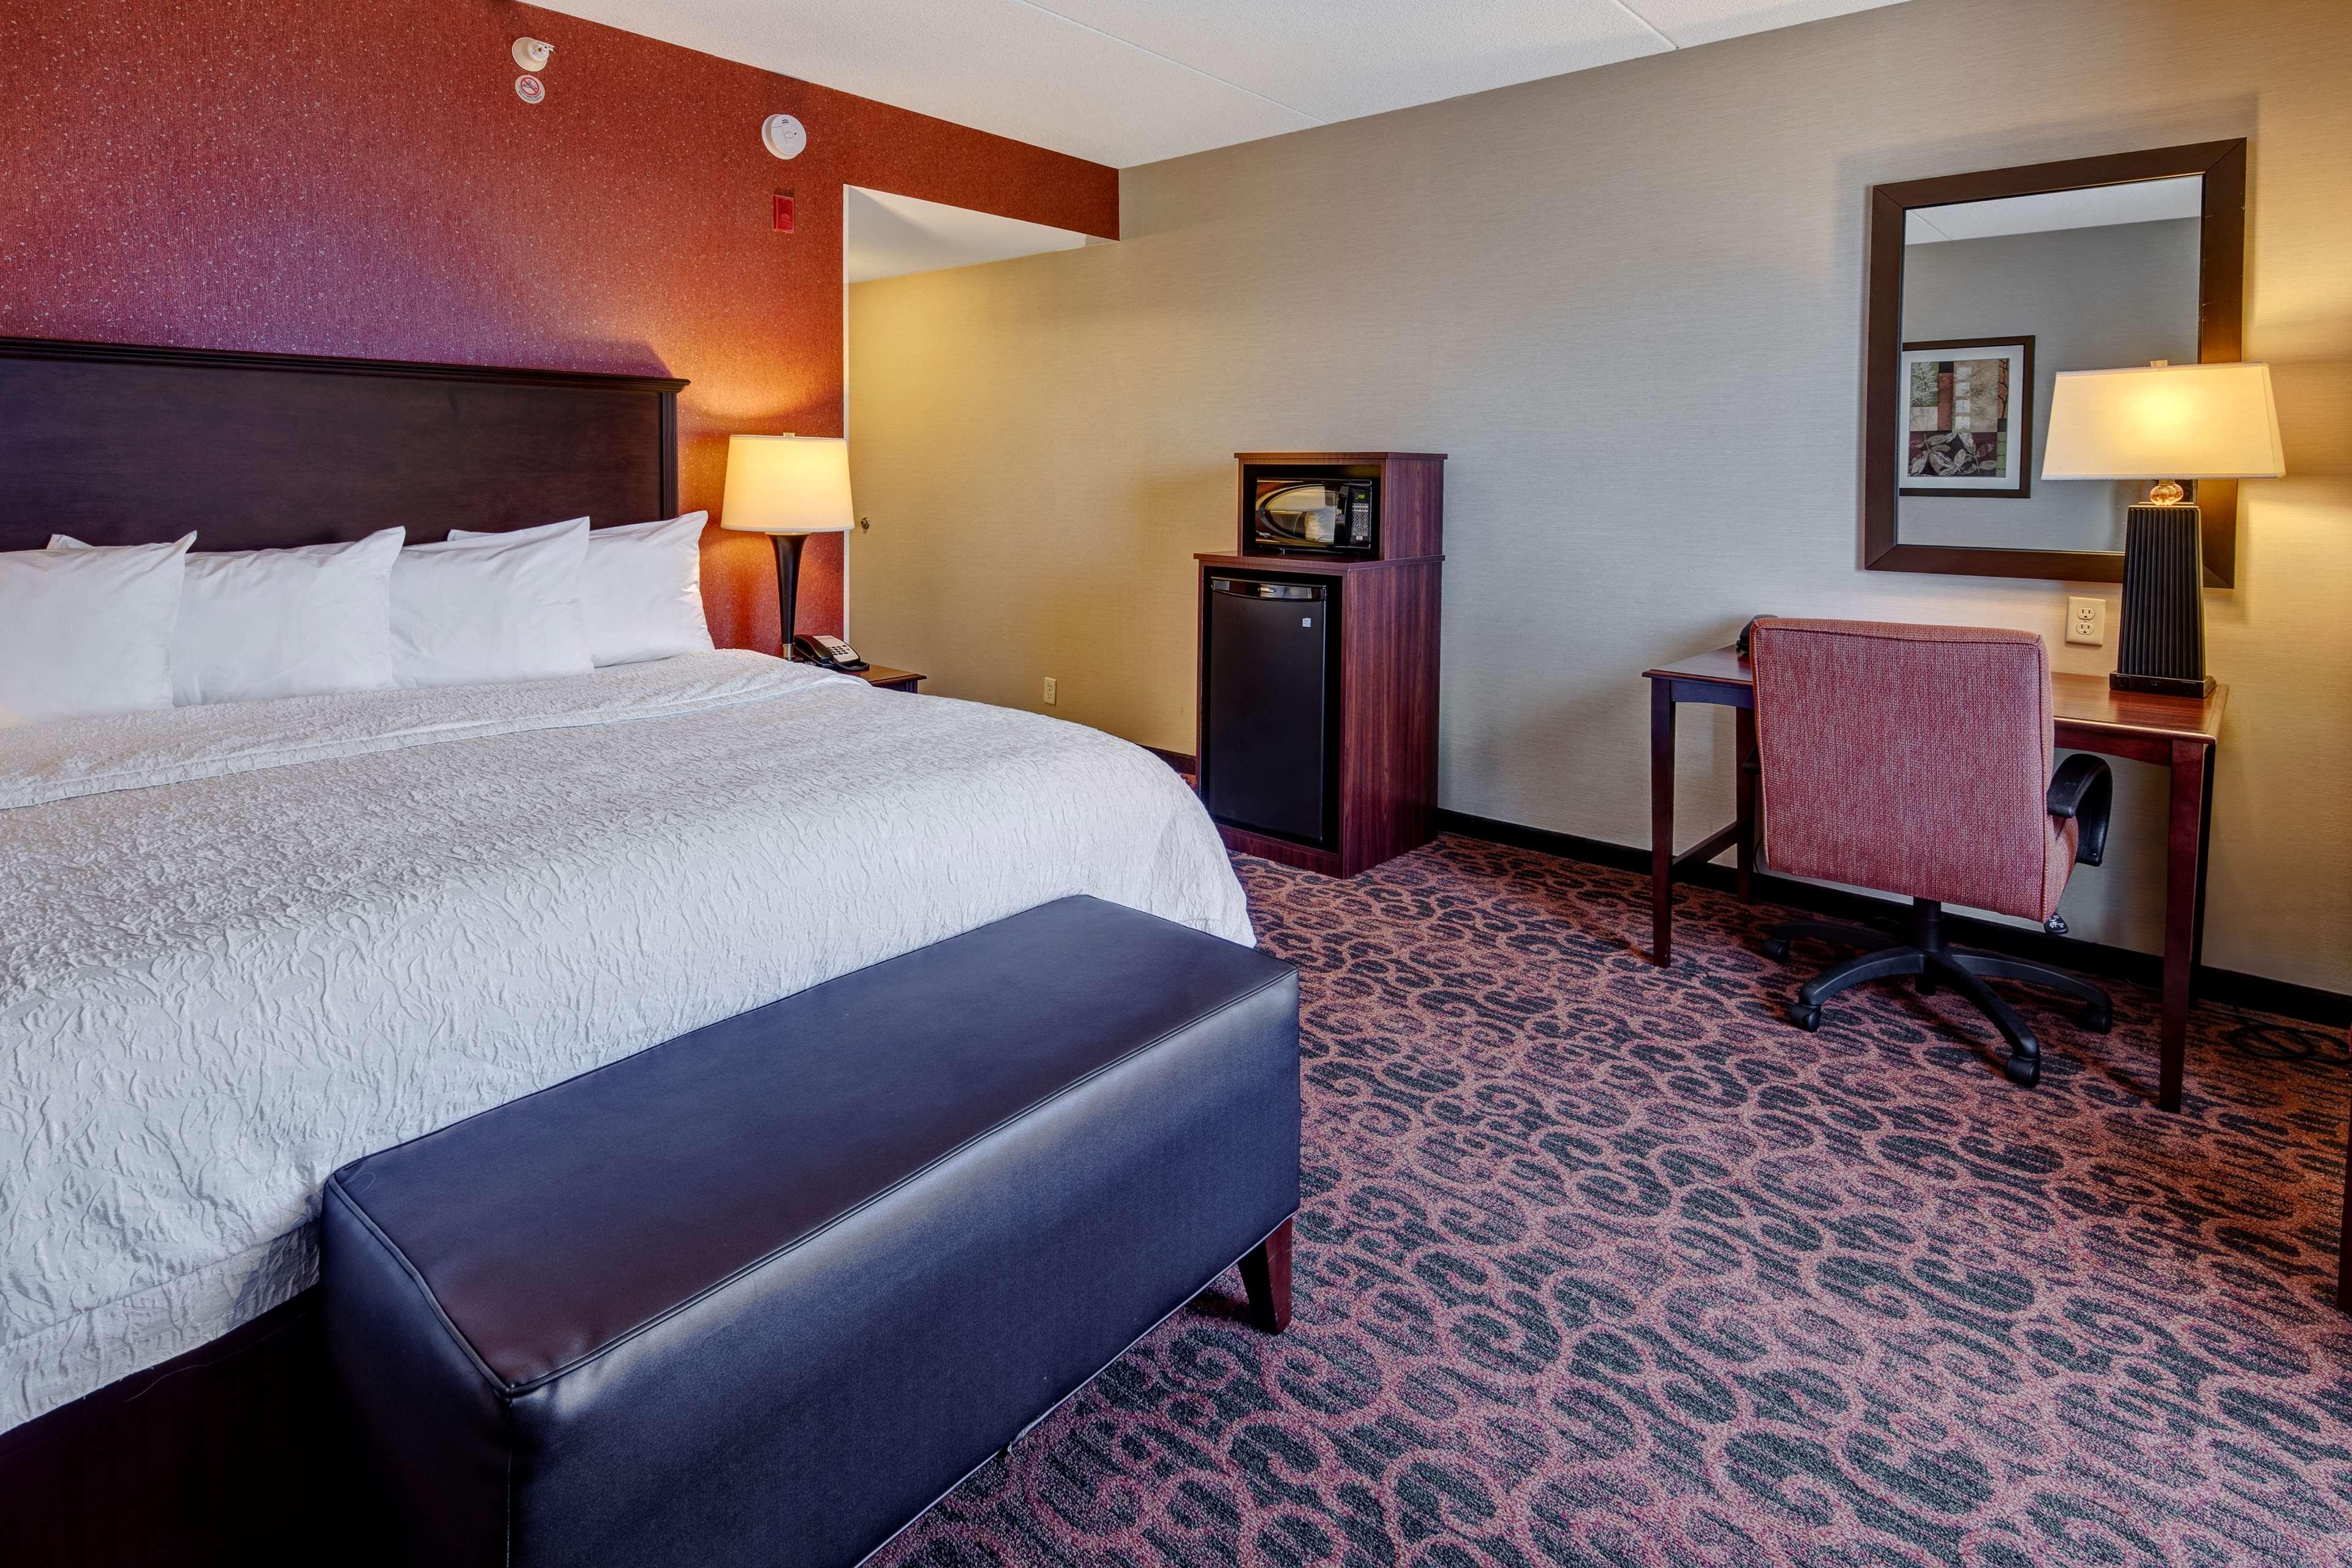 Hampton Inn Suites Minneapolis St Paul Arpt-Mall of America image 14